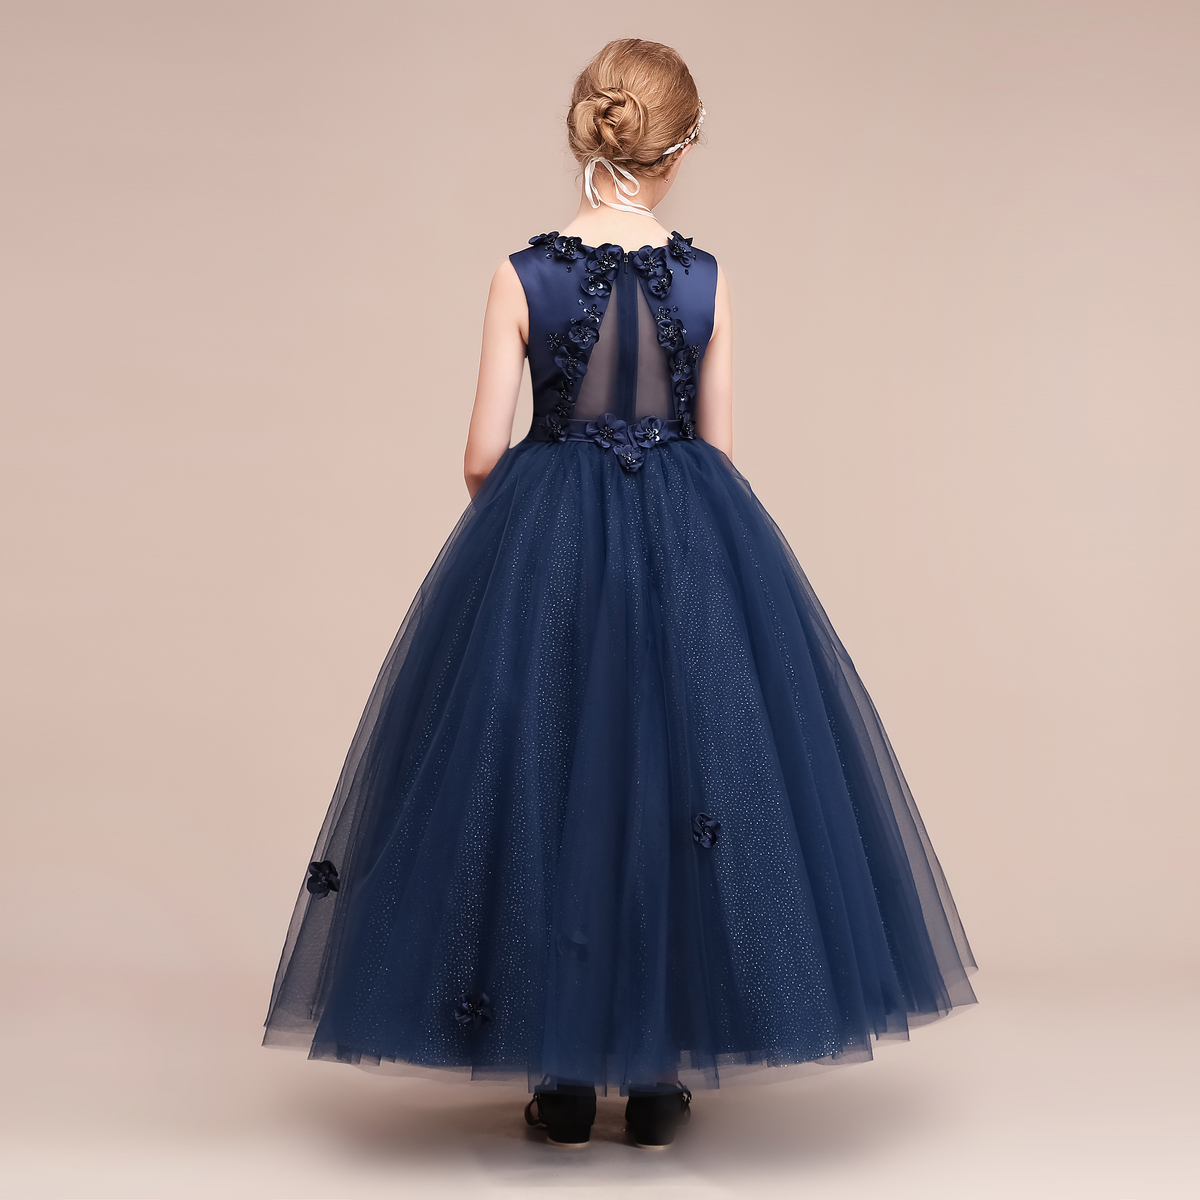 女の子ドレス 子供ドレス 80 90 100 110 120 130 140 150 160 チュール ロングドレス 結婚式 キPn0w8Ok